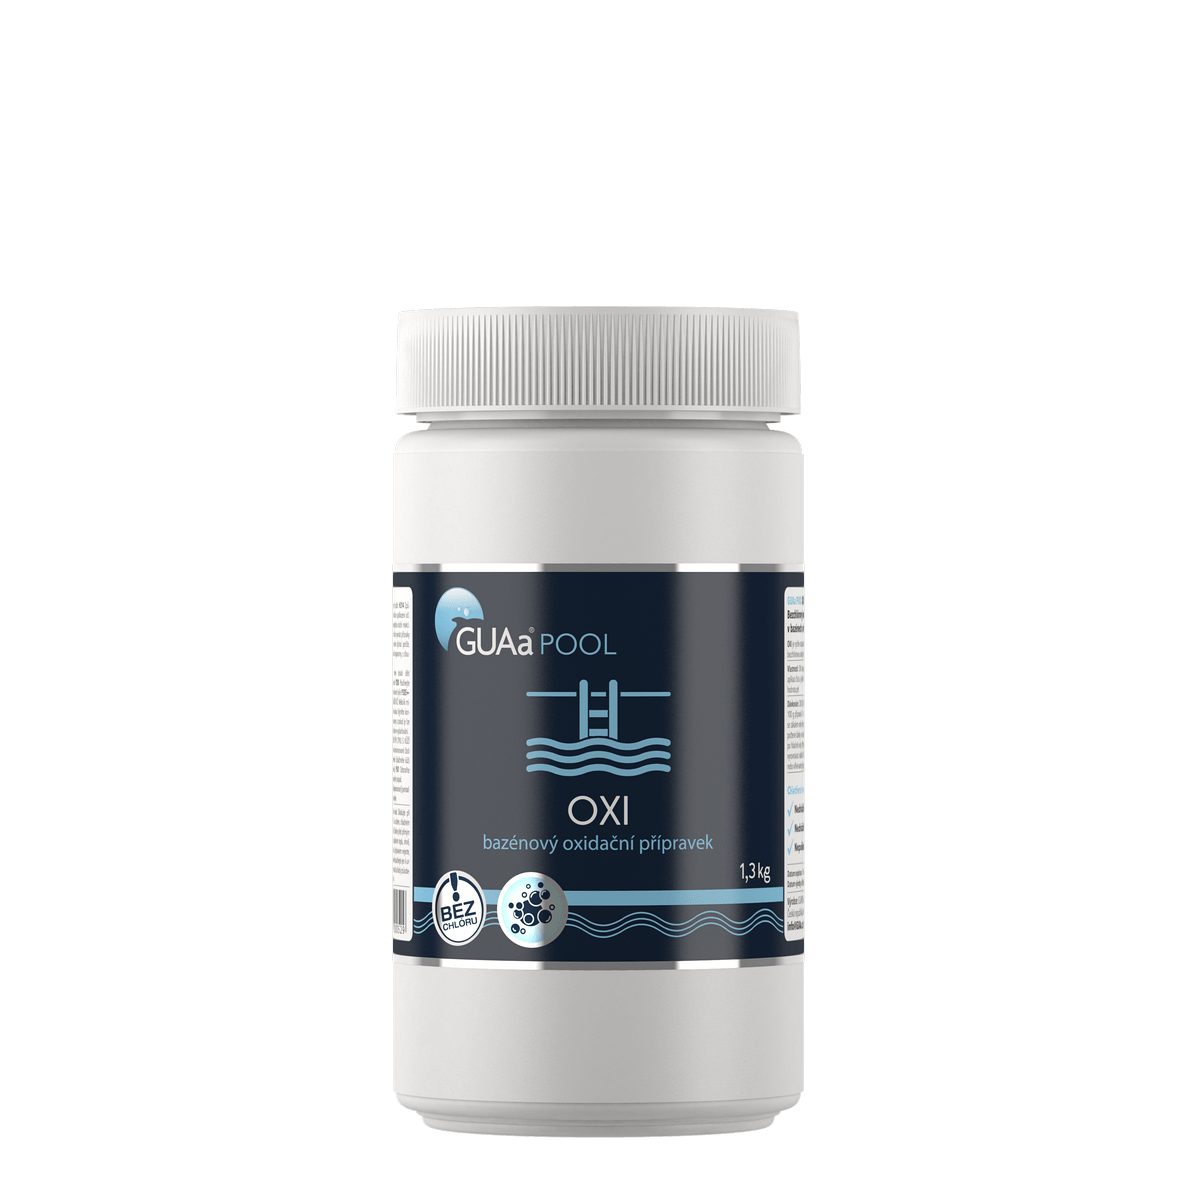 GUAa POOL OXI 1,3 kg - bezchlórový bazénový oxidační přípravek